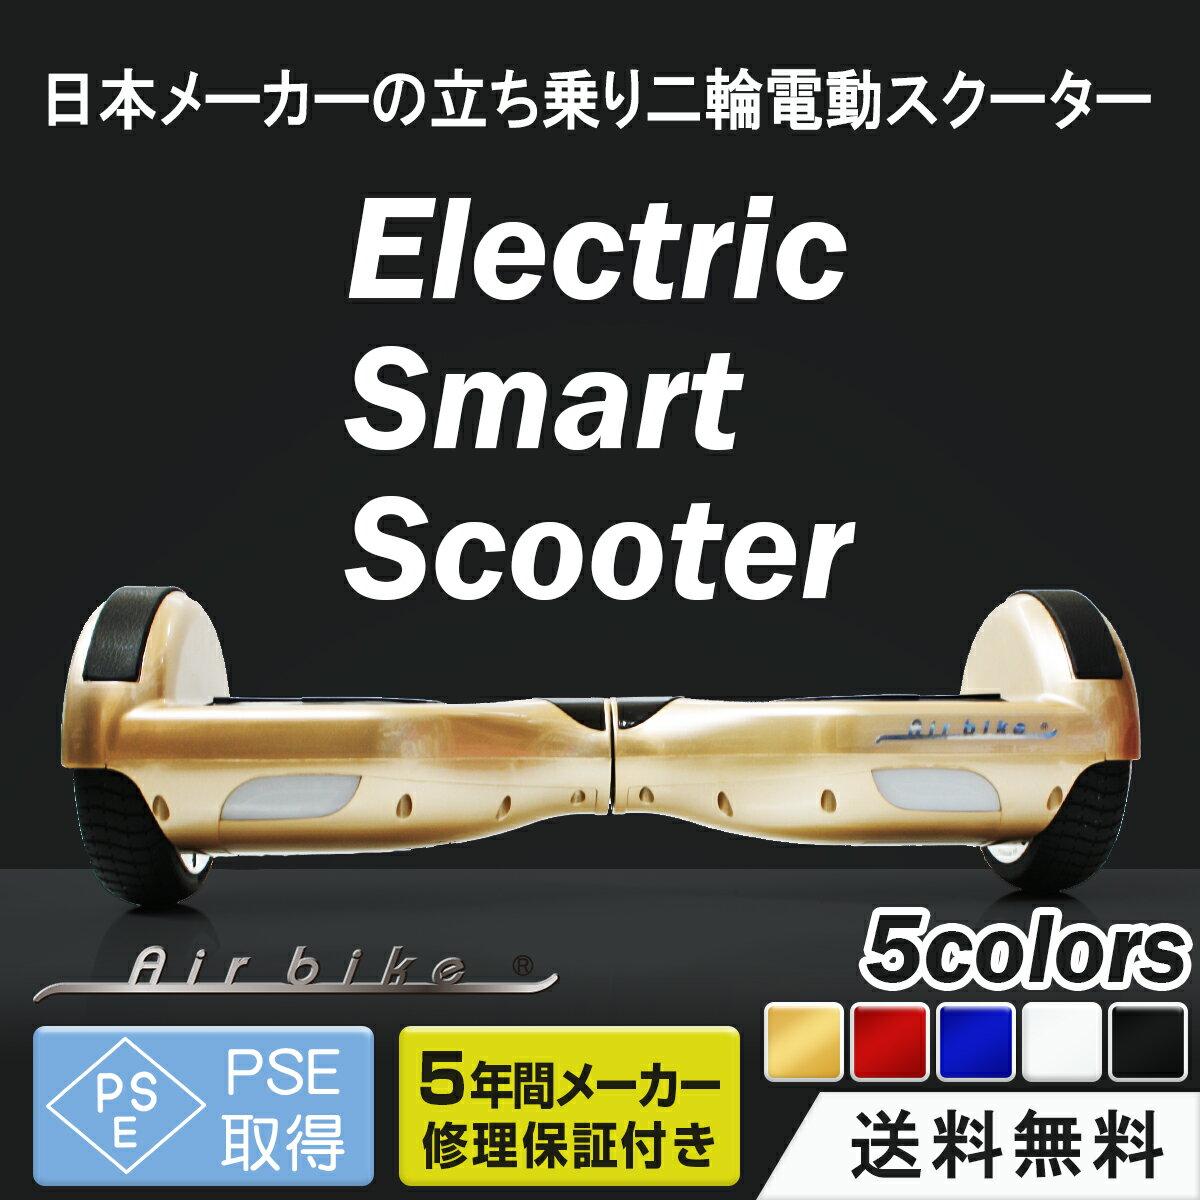 【安心の日本メーカー】電動スマートスクーター バランススクーター PSEマーク取得 Airbike (セグウェイ ホバーボード バランスボード 電動二輪車 ミニセグウェイ)【送料無料】